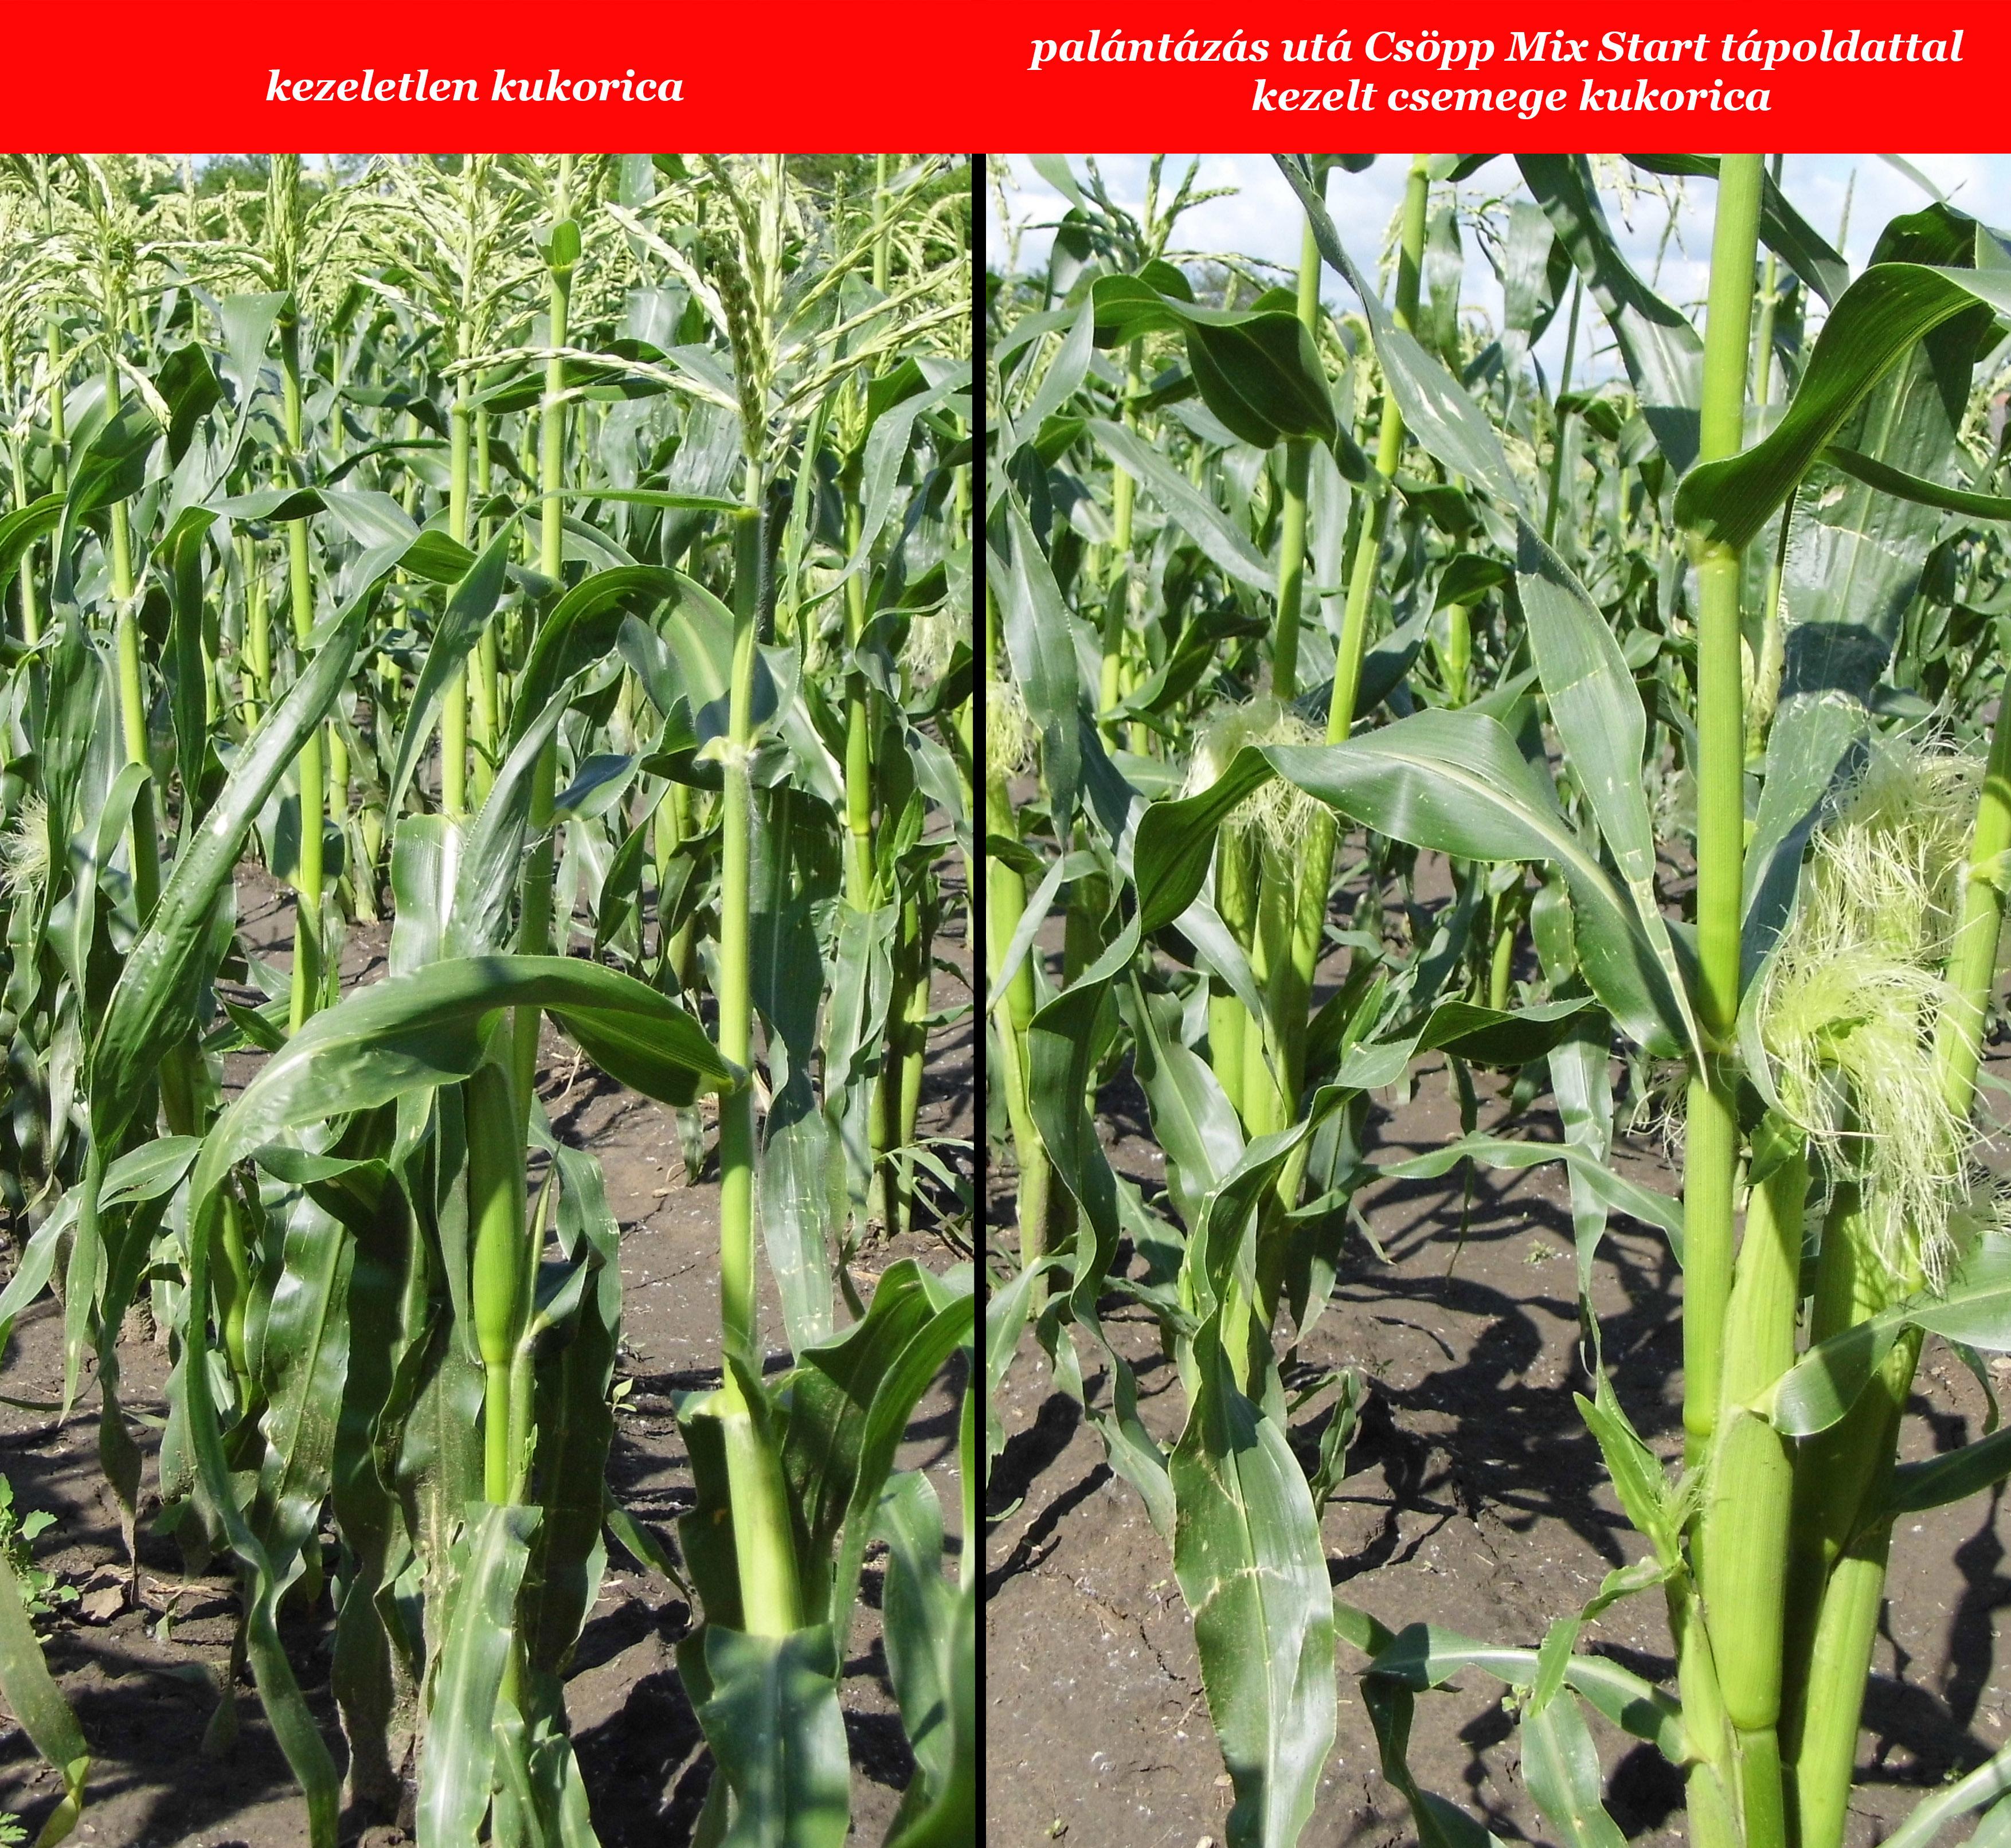 Kezelt és kezeletlen kukorica